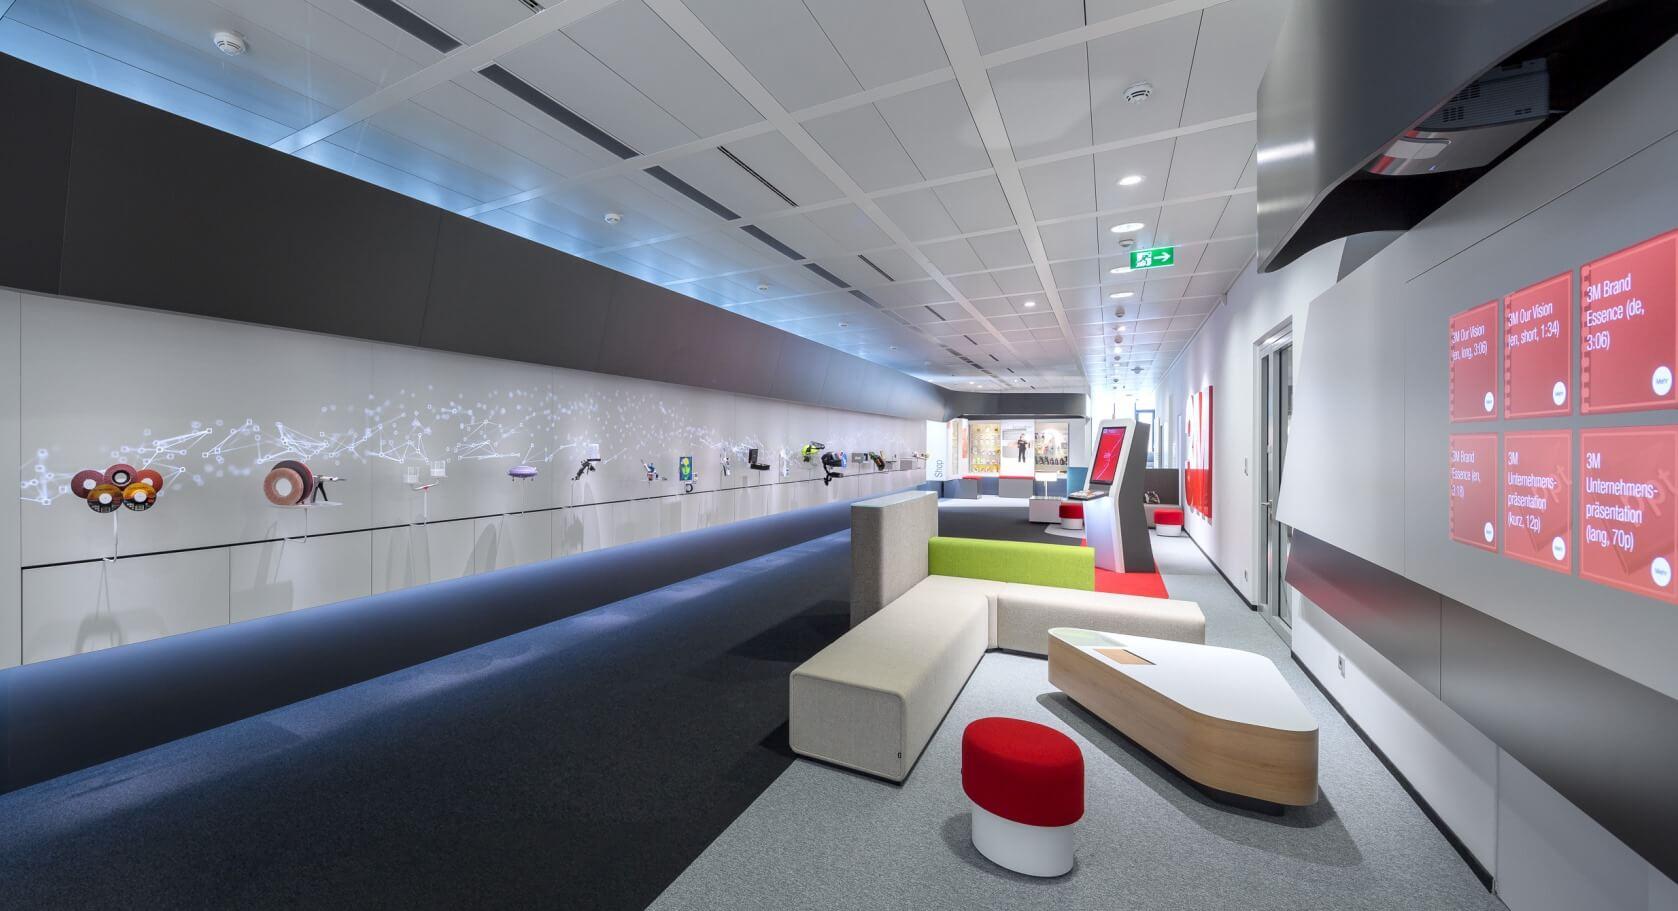 Innenausbau-für-Firmenzentralen-Markenwelten-vom-Experten-ixpo